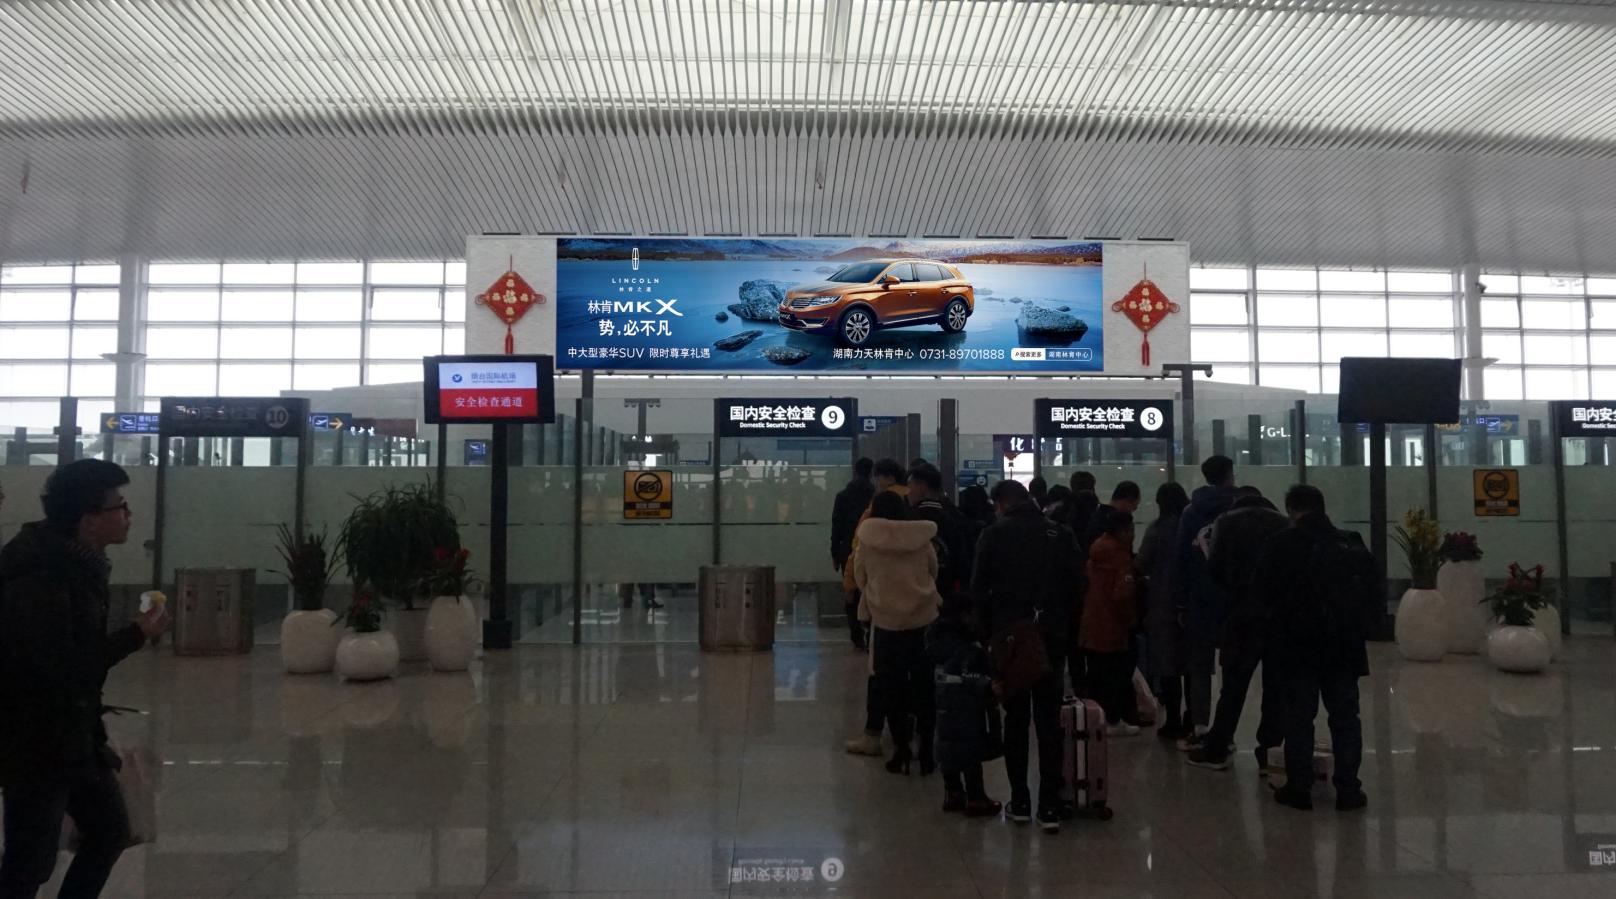 成都深圳广州北京上海机场高铁飞机广告公司